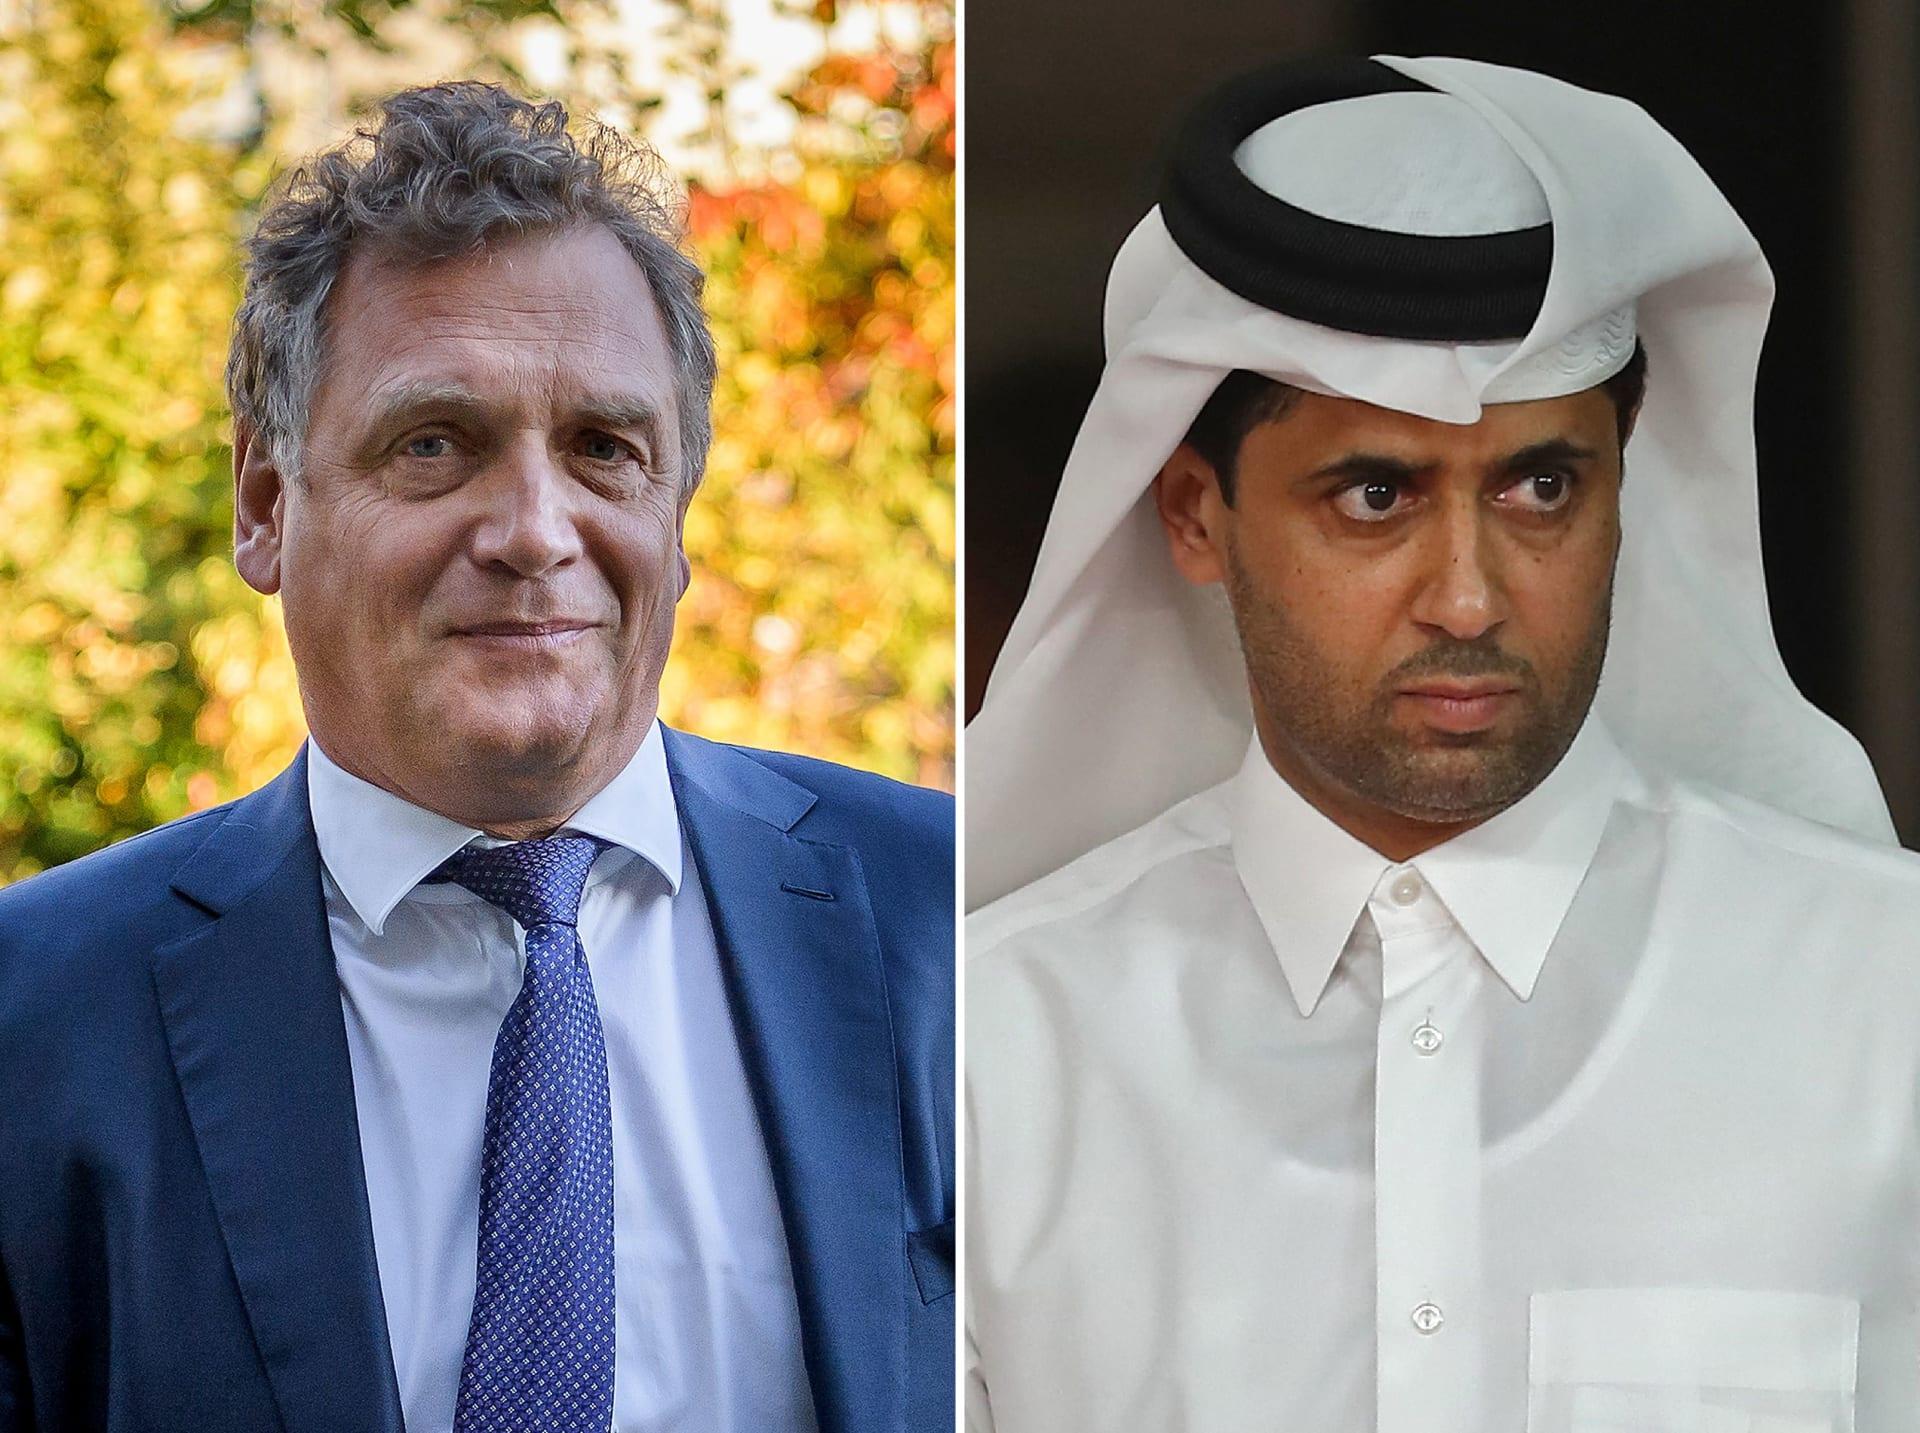 ناصر الخليفي رئيس نادي باريس جان جيرمان وجيروم فالكه الأمين العام السابق بالفيفا